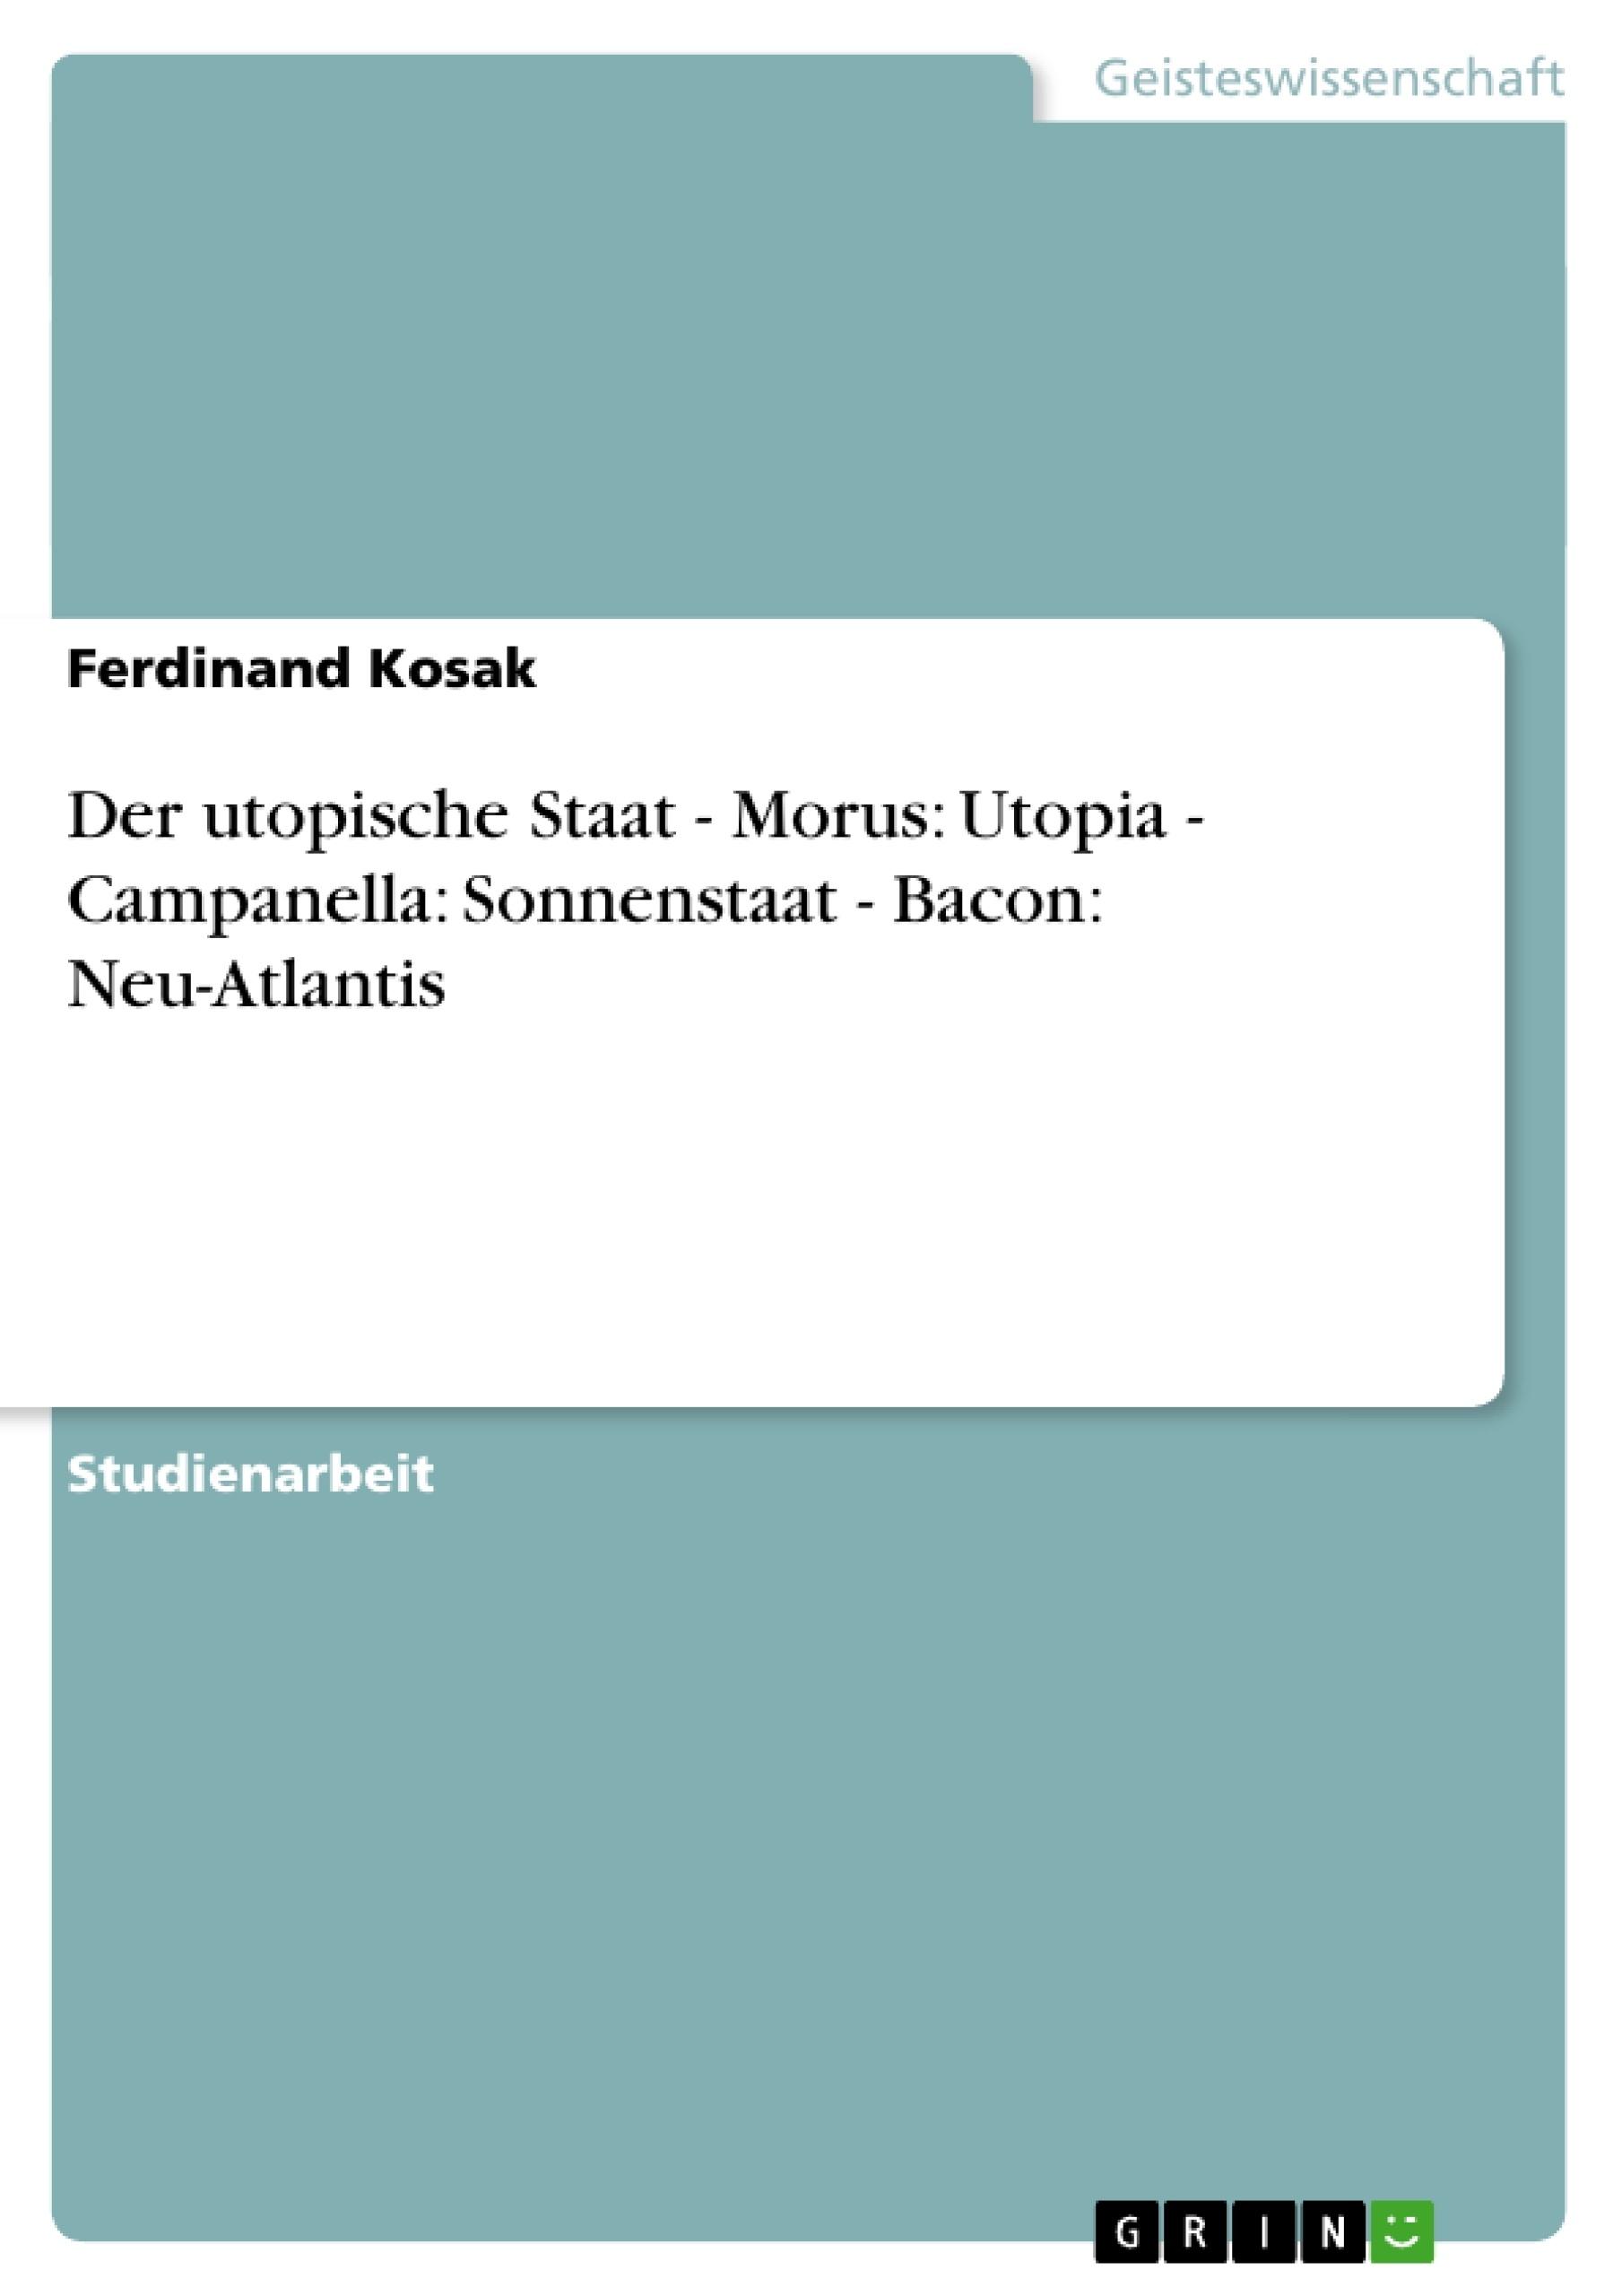 Titel: Der utopische Staat - Morus: Utopia - Campanella: Sonnenstaat - Bacon: Neu-Atlantis